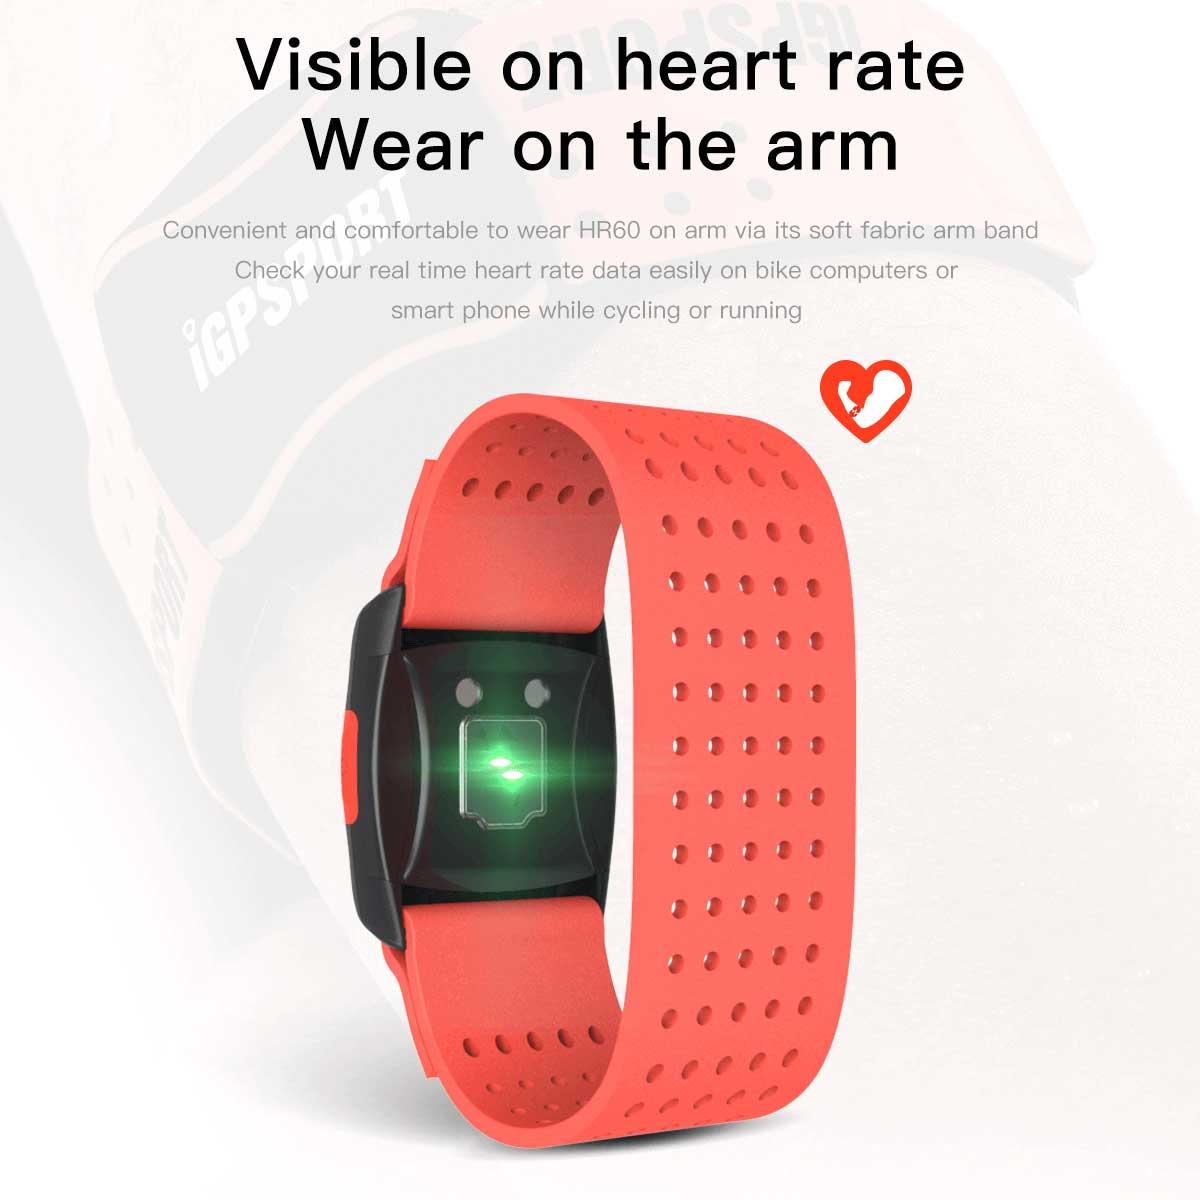 腕に装着する心拍計からサイコンやスマホで心拍数を表示